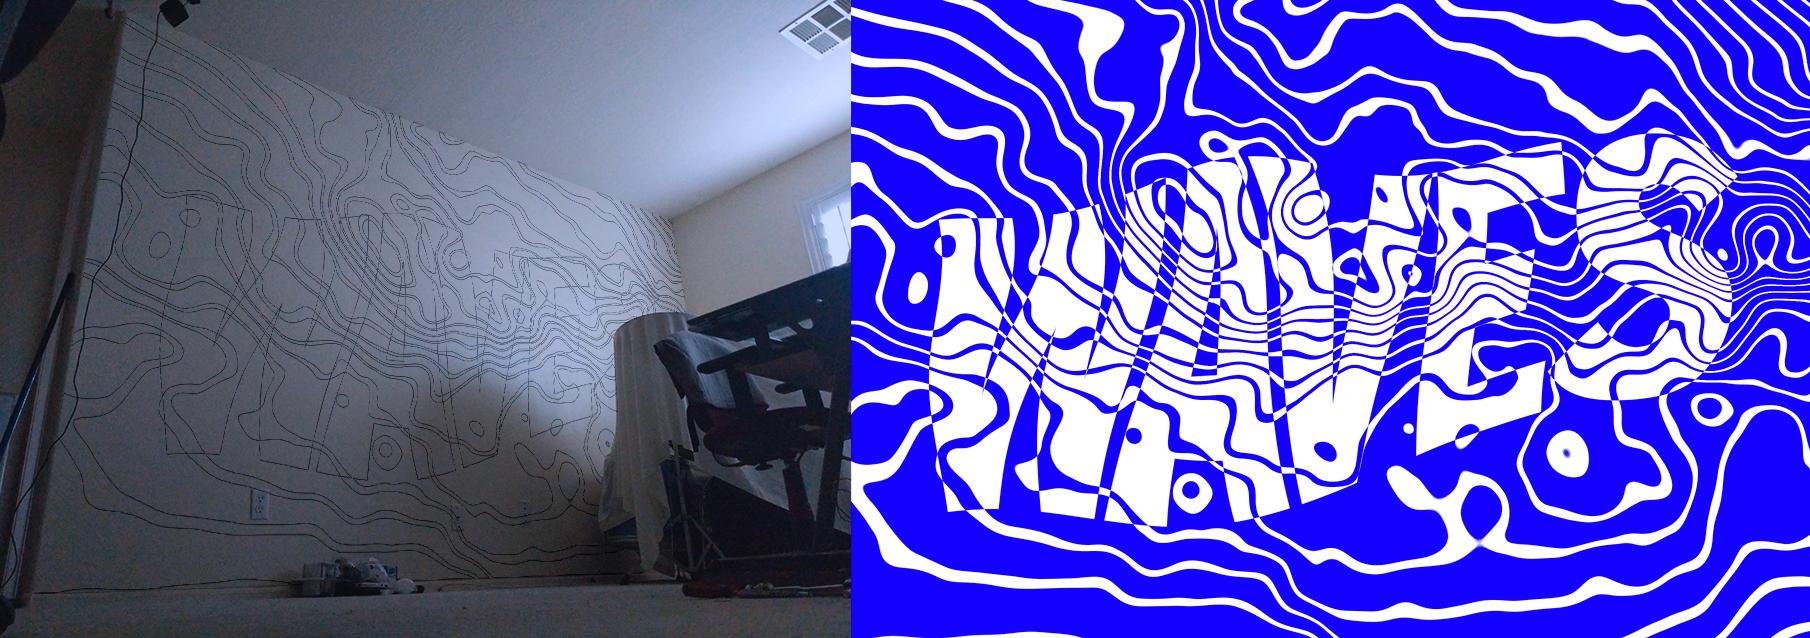 waves_mural_03